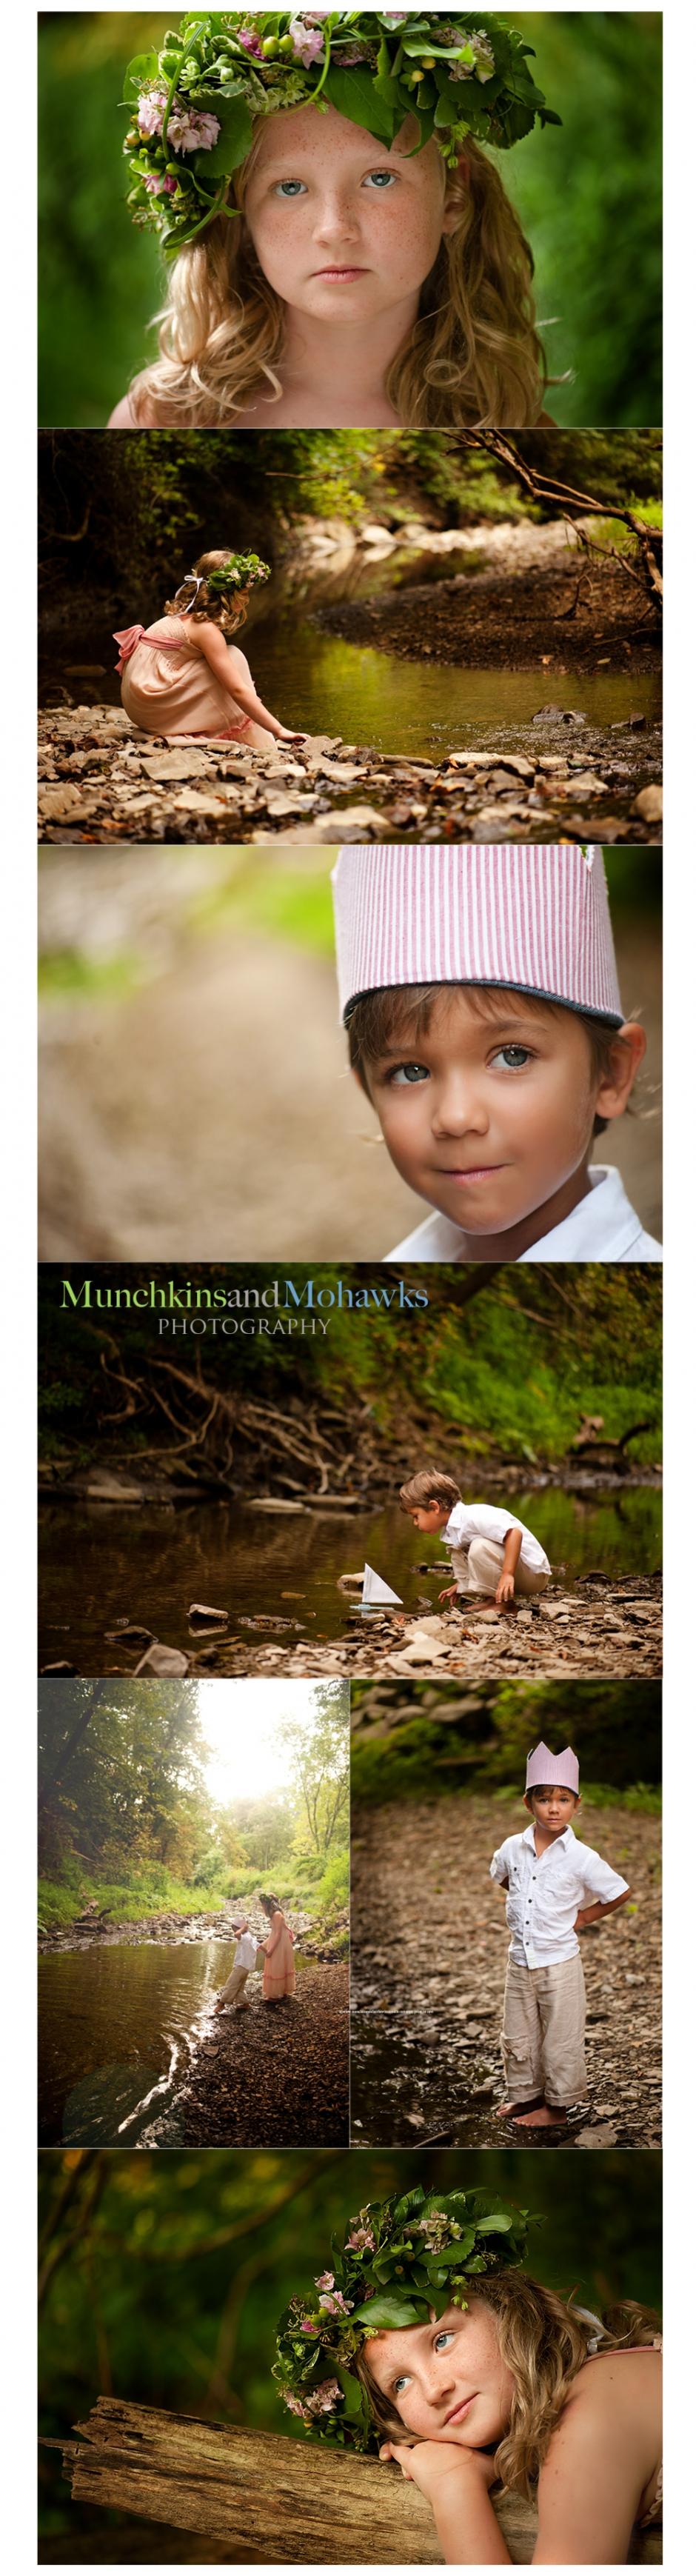 lovely children's photo session